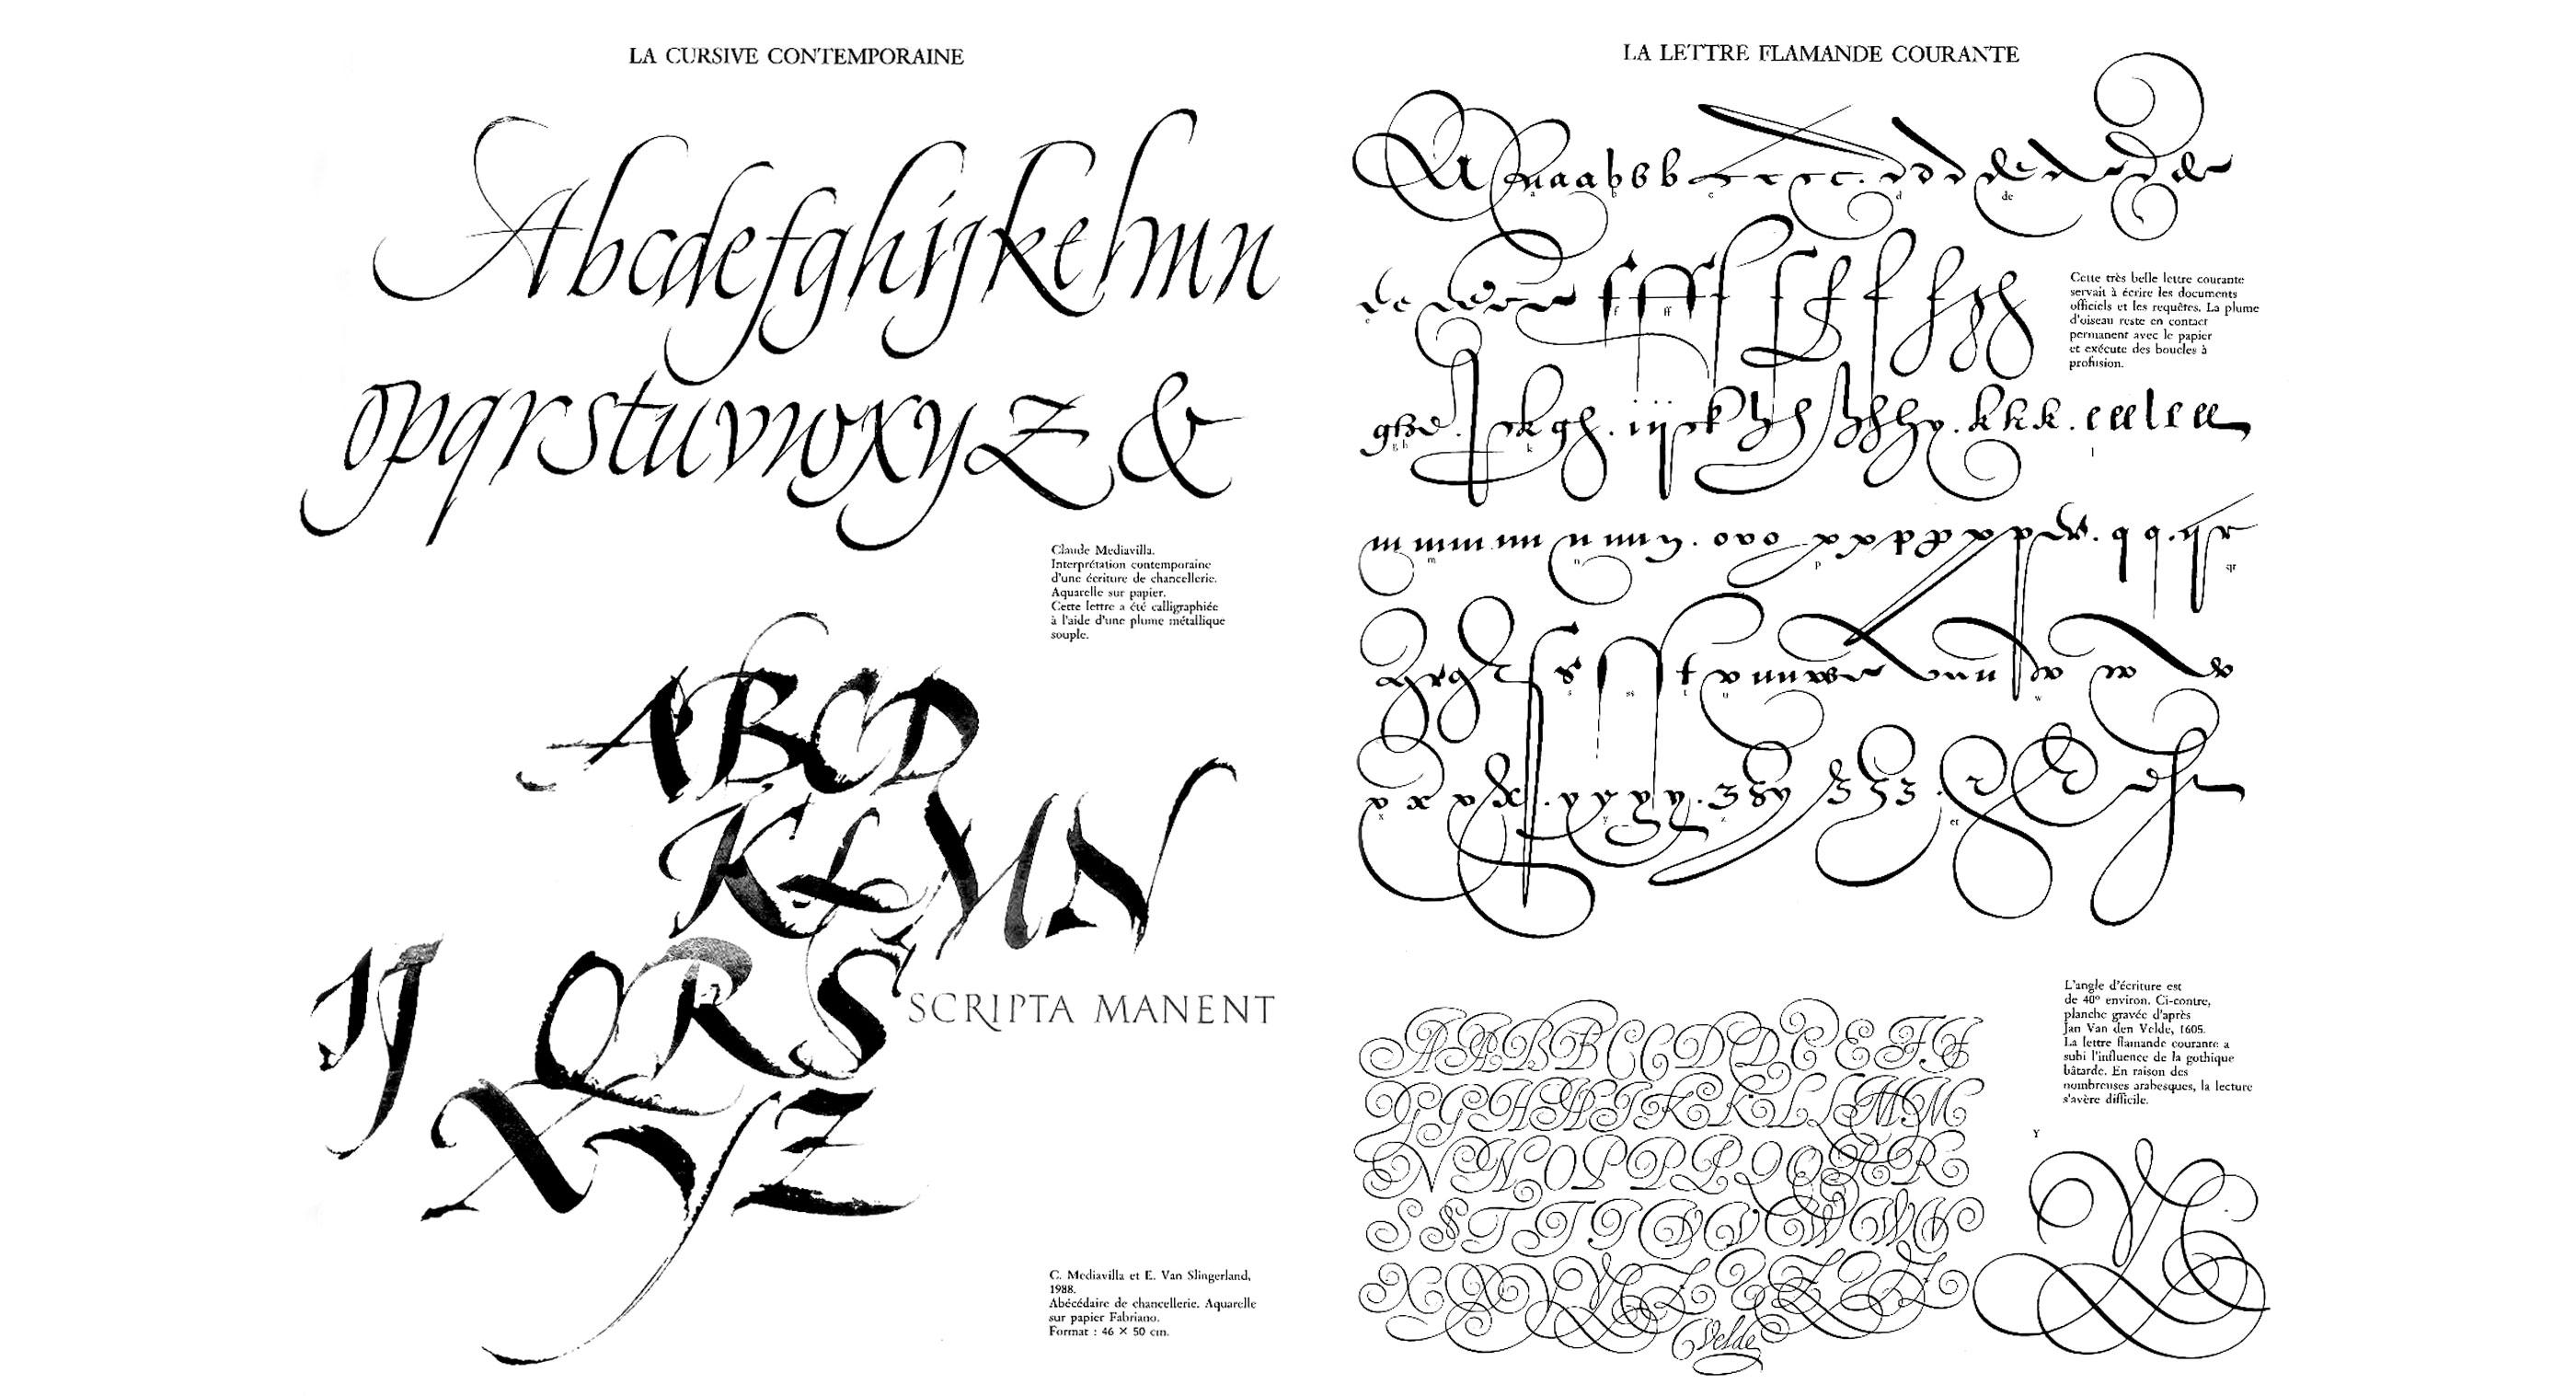 claude-mediavilla-calligraphie-cursive-contemporaine-flamande-courante-nb